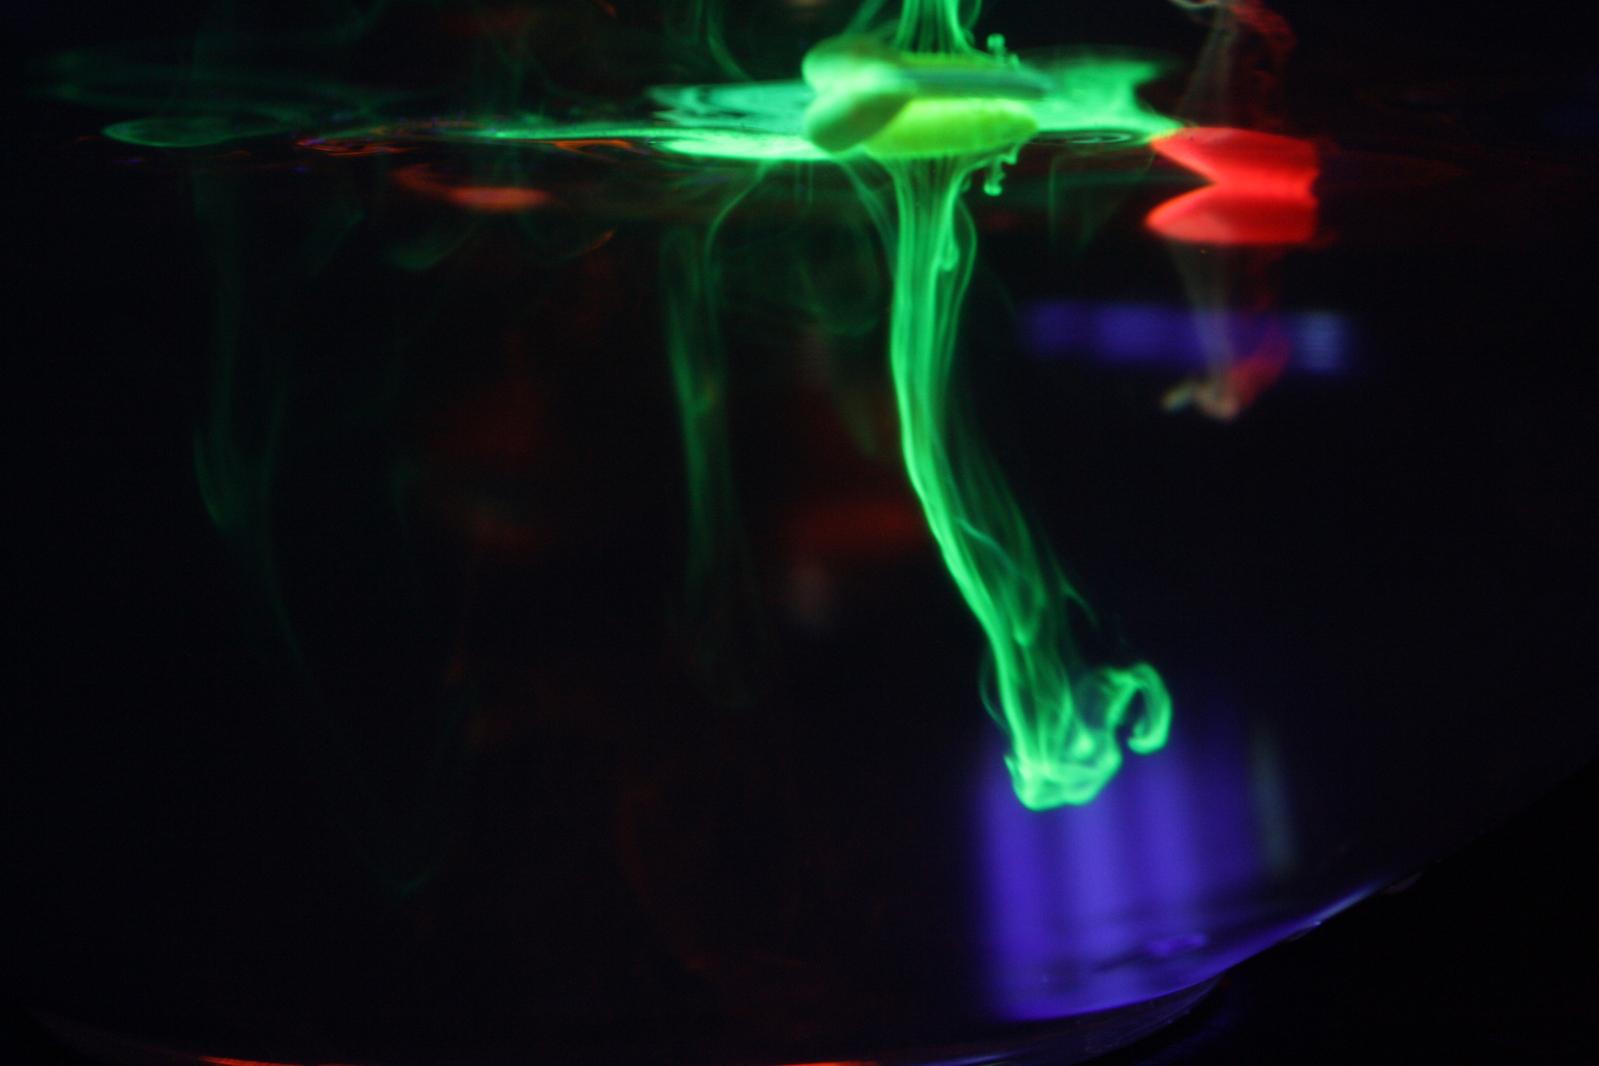 fluorescense-1151207-1599x1066